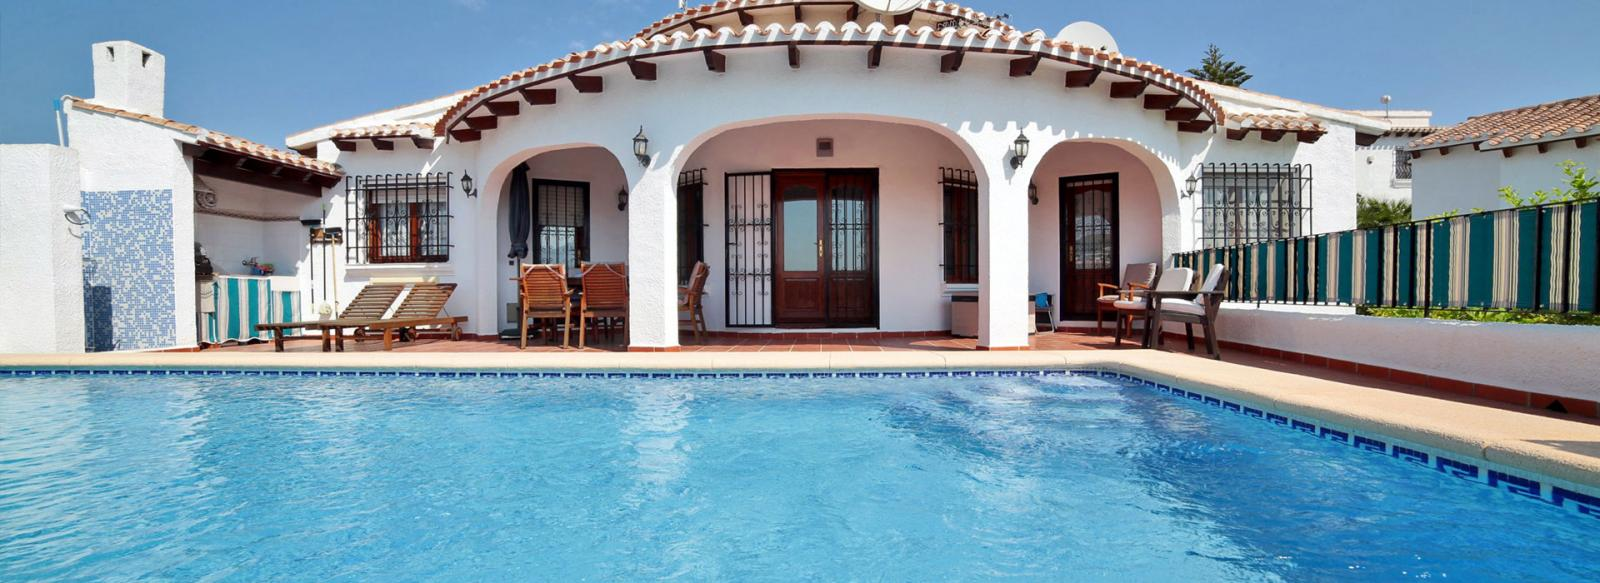 acb.immo - Villa de 3 chambres avec piscine privée à Monte Pego, Denia